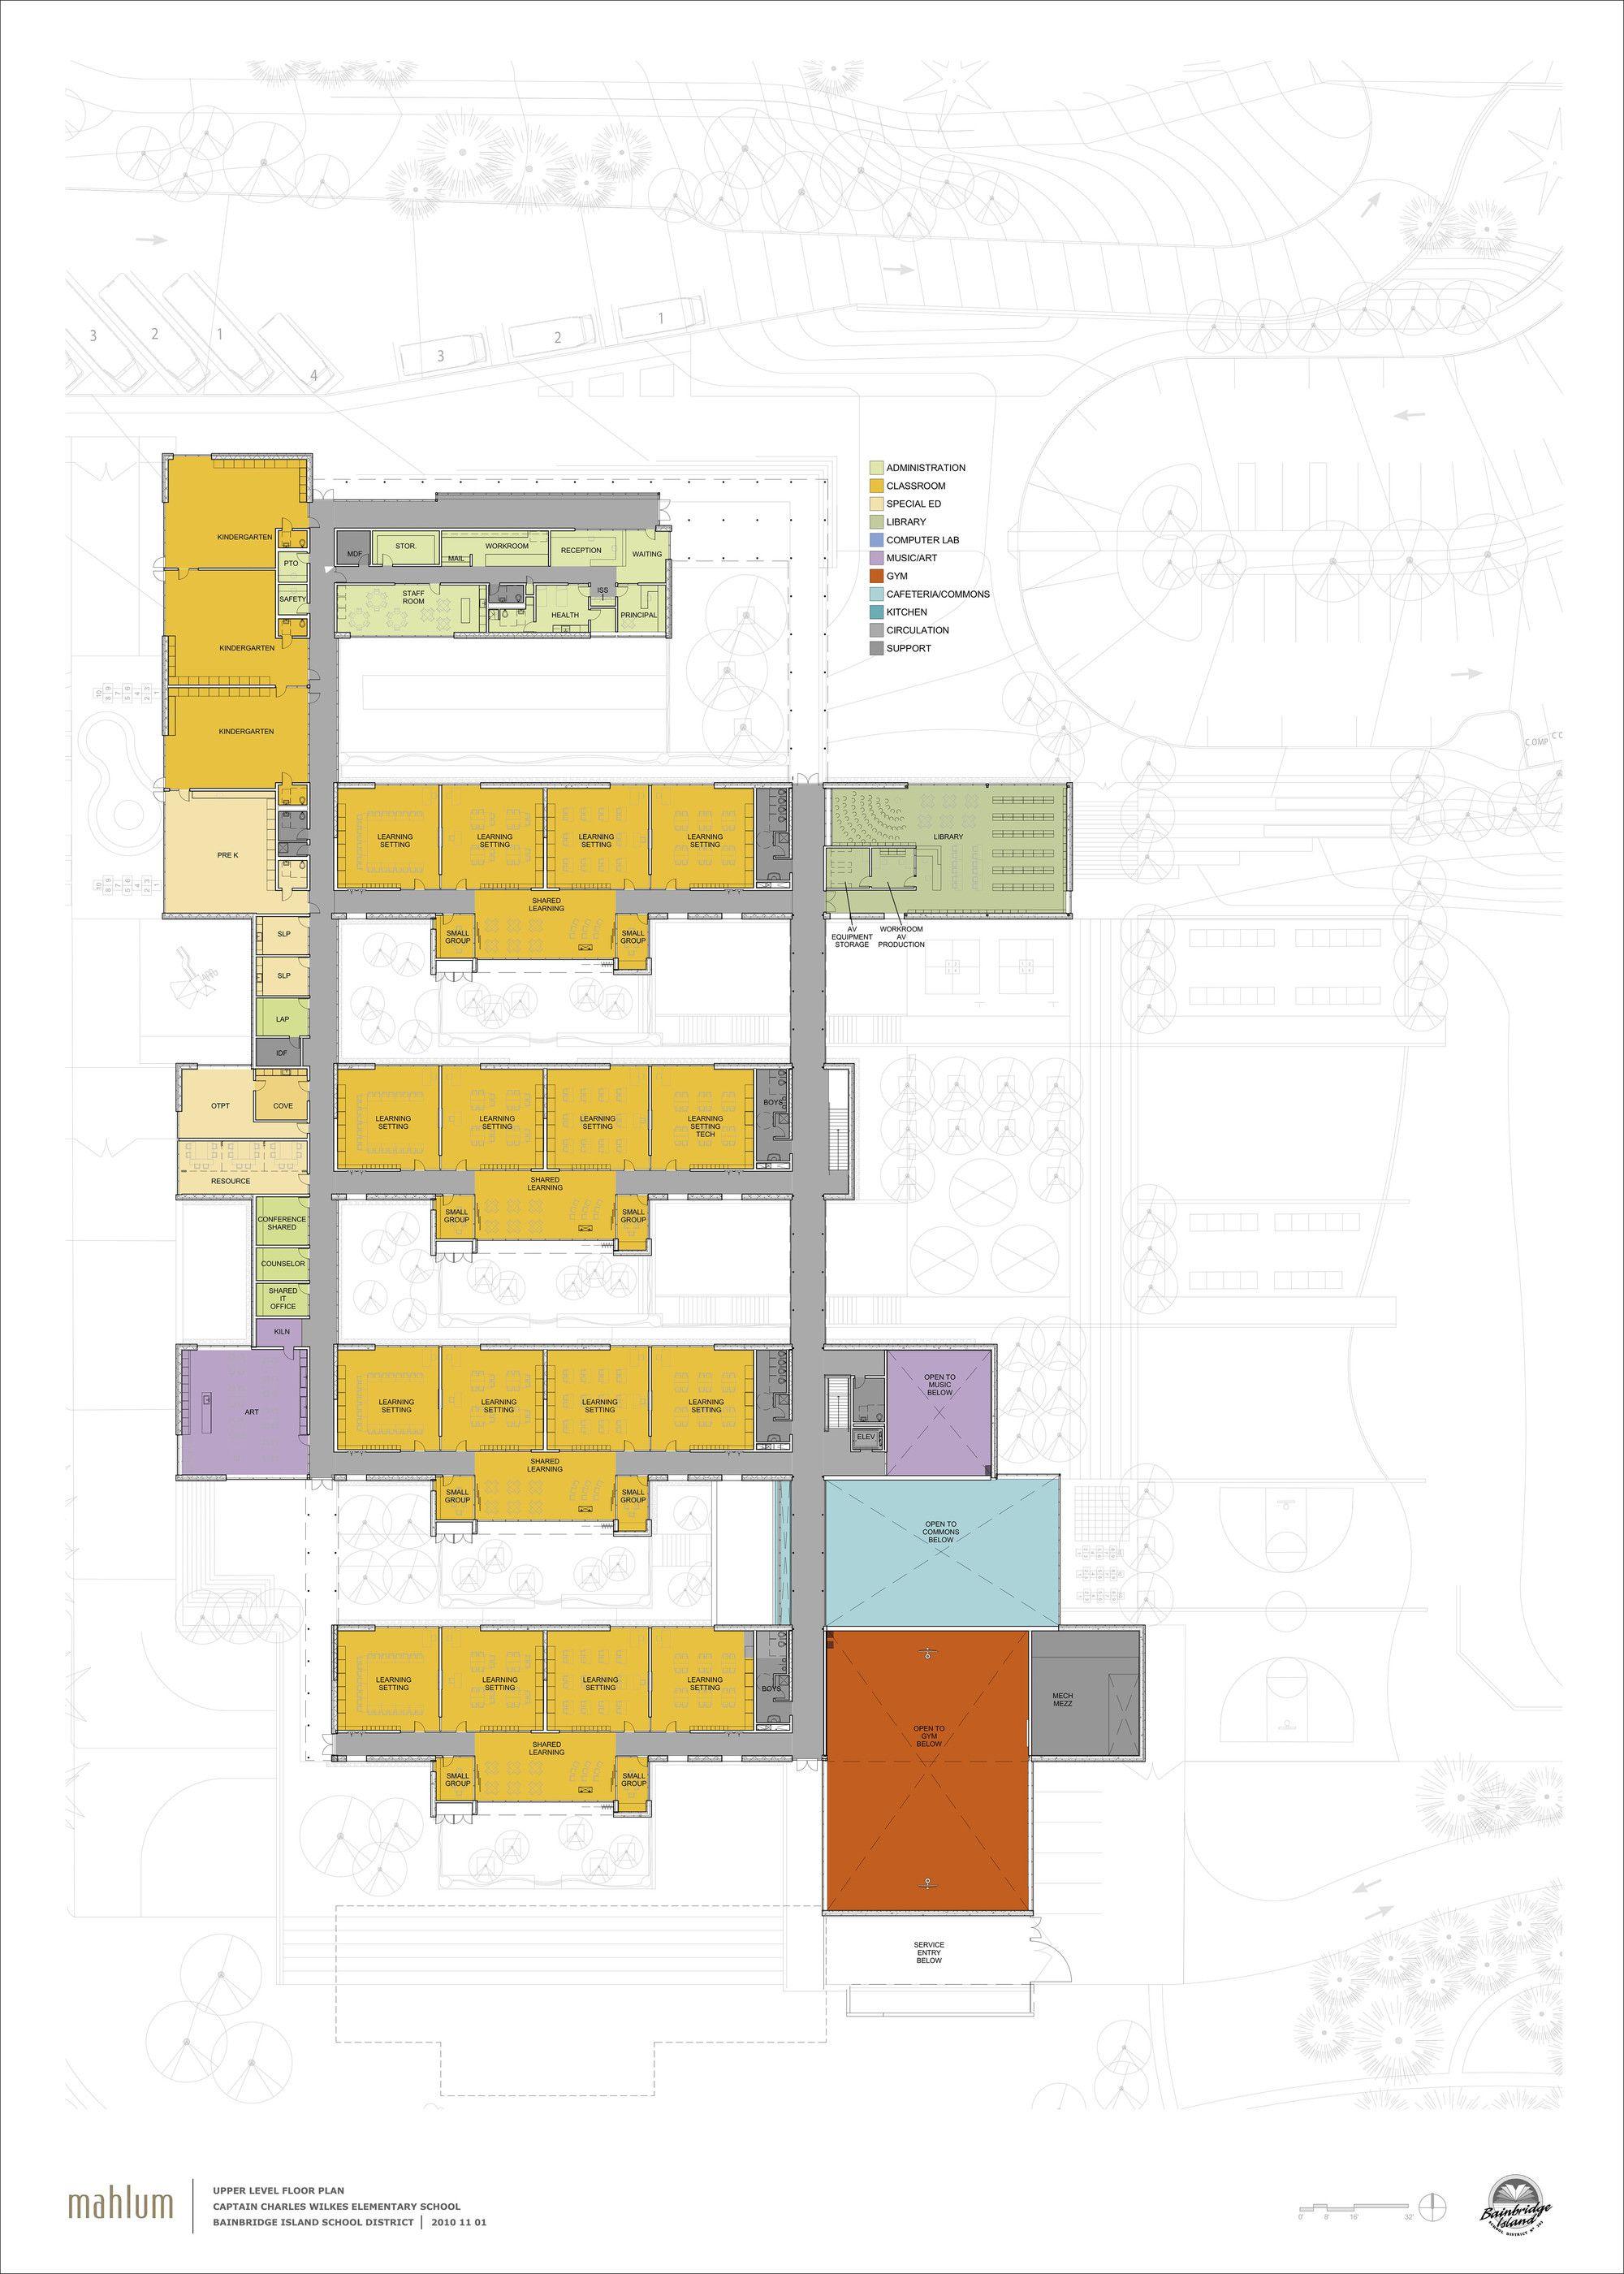 Gallery of wilkes elementary school mahlum 12 elementary schoolsprimary schoolfloor planseducationfloorsschool buildingarchitectureschool